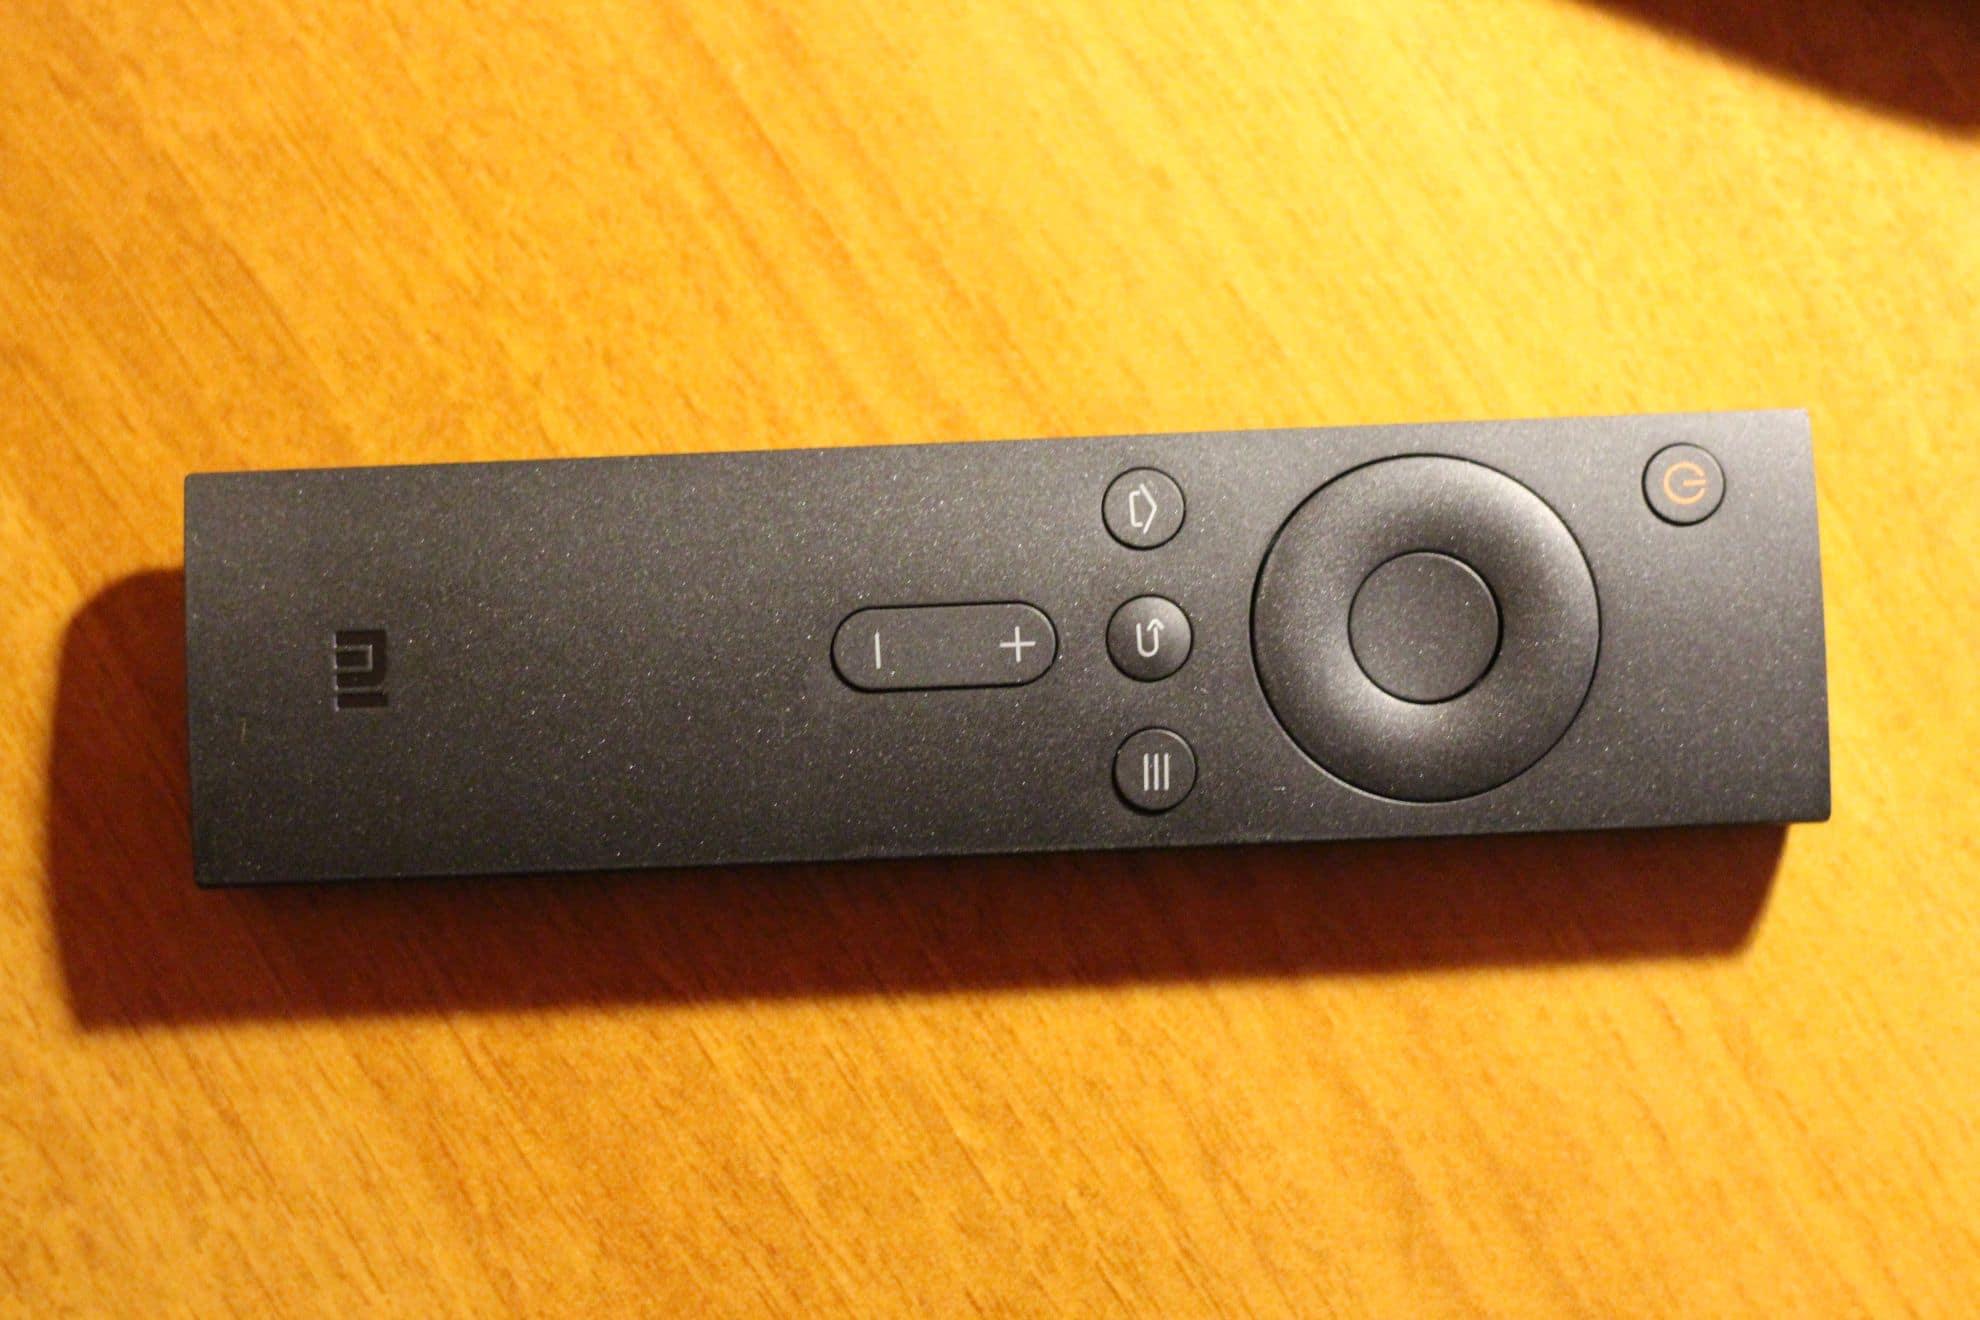 Xiaomi Mi Tv Box Die 4k Streamingbox Für Wenig Geld Im Praxistest